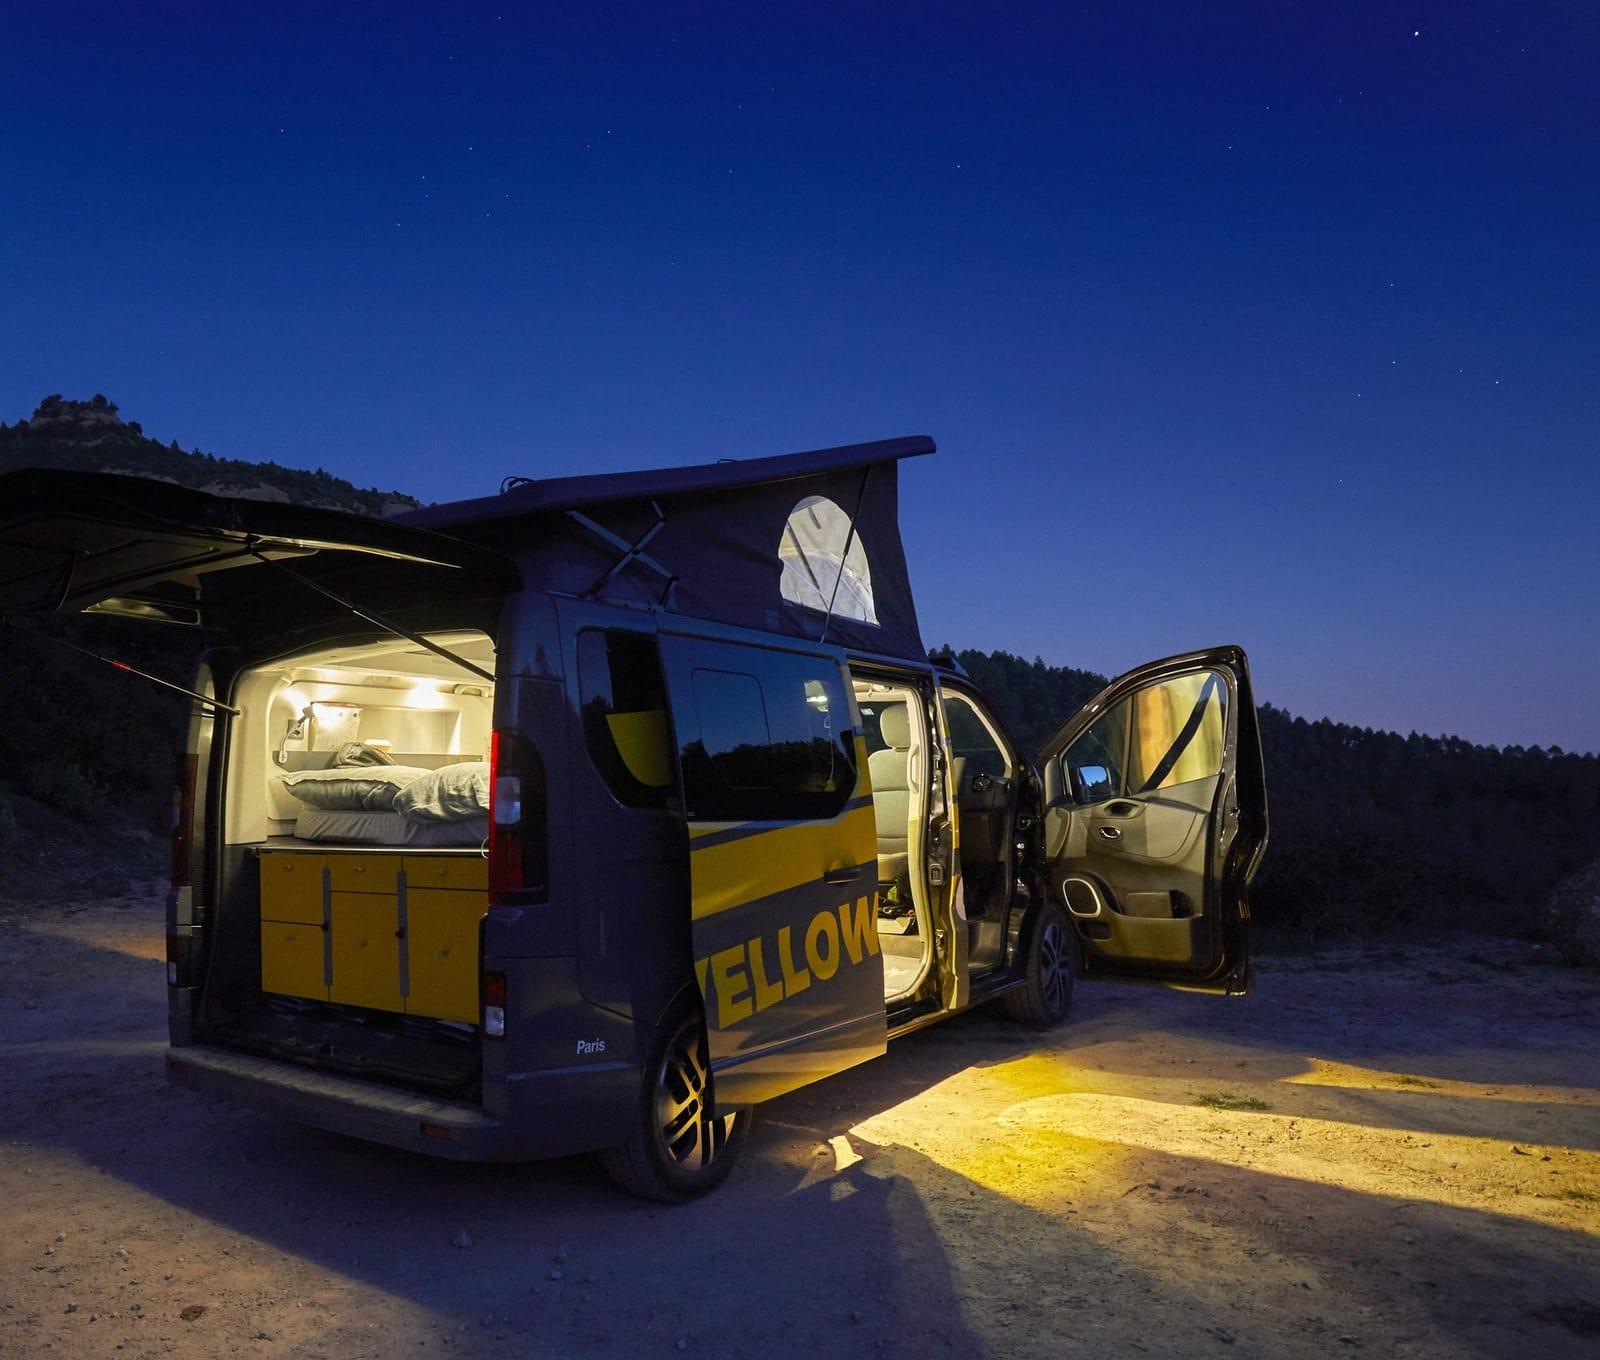 Süsse Träume im Yellowcamper Deluxe mit Schlafdach